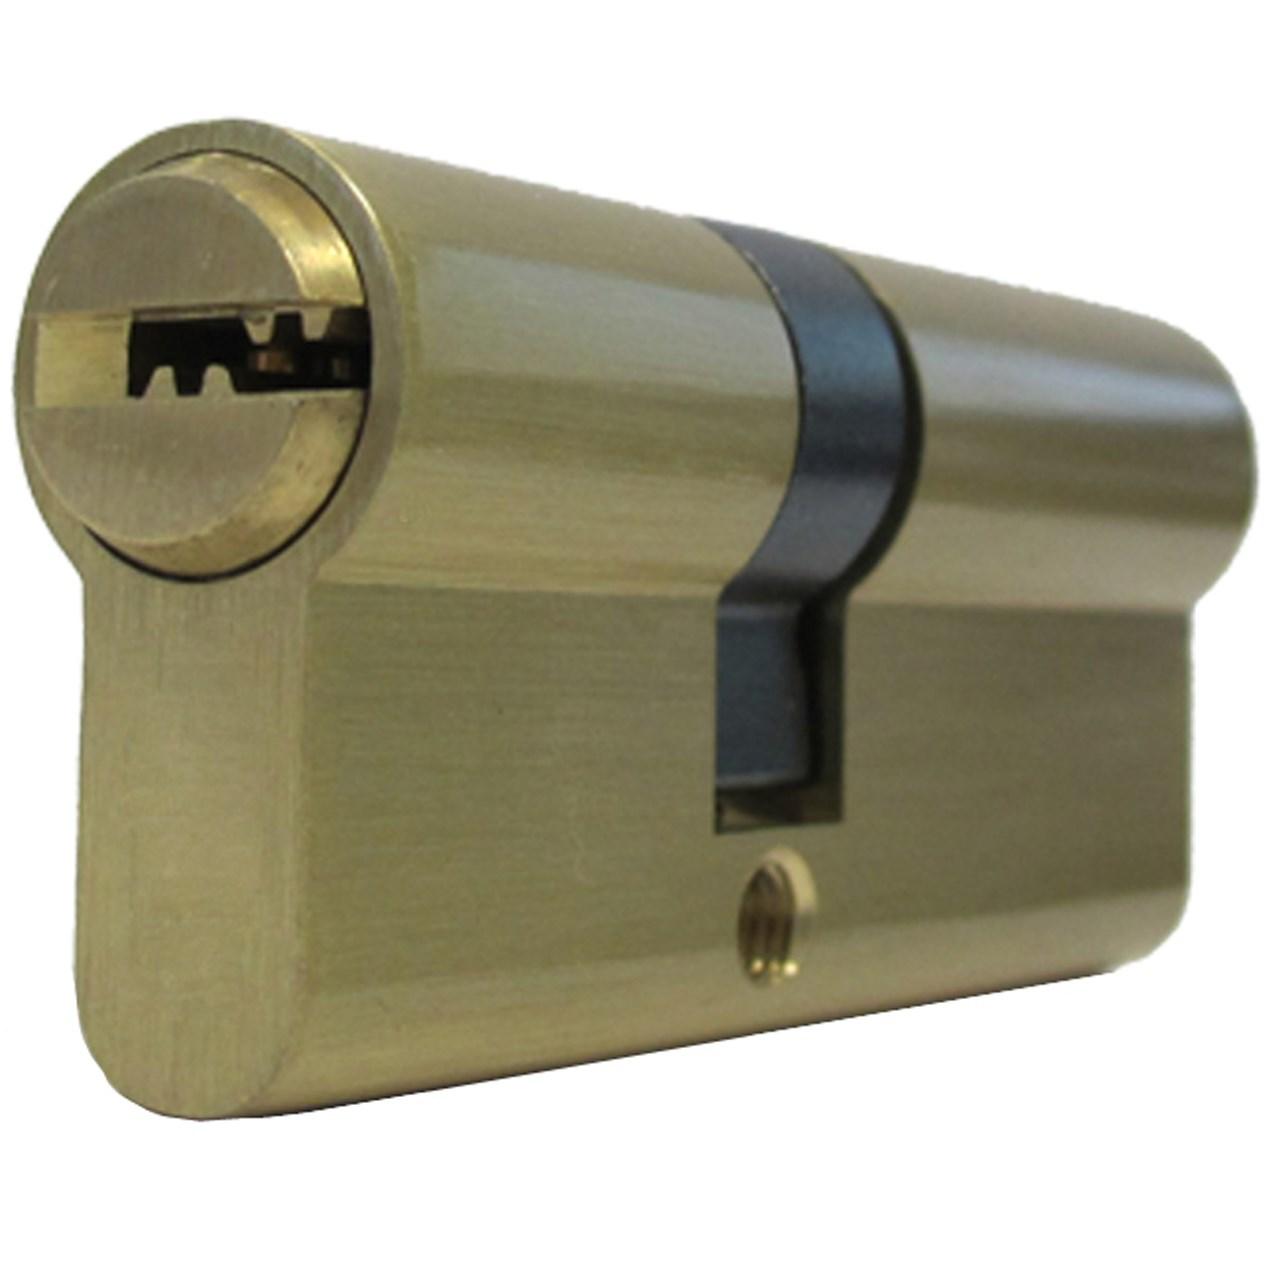 سیلندر قفل صامو پرشین مدل G 834